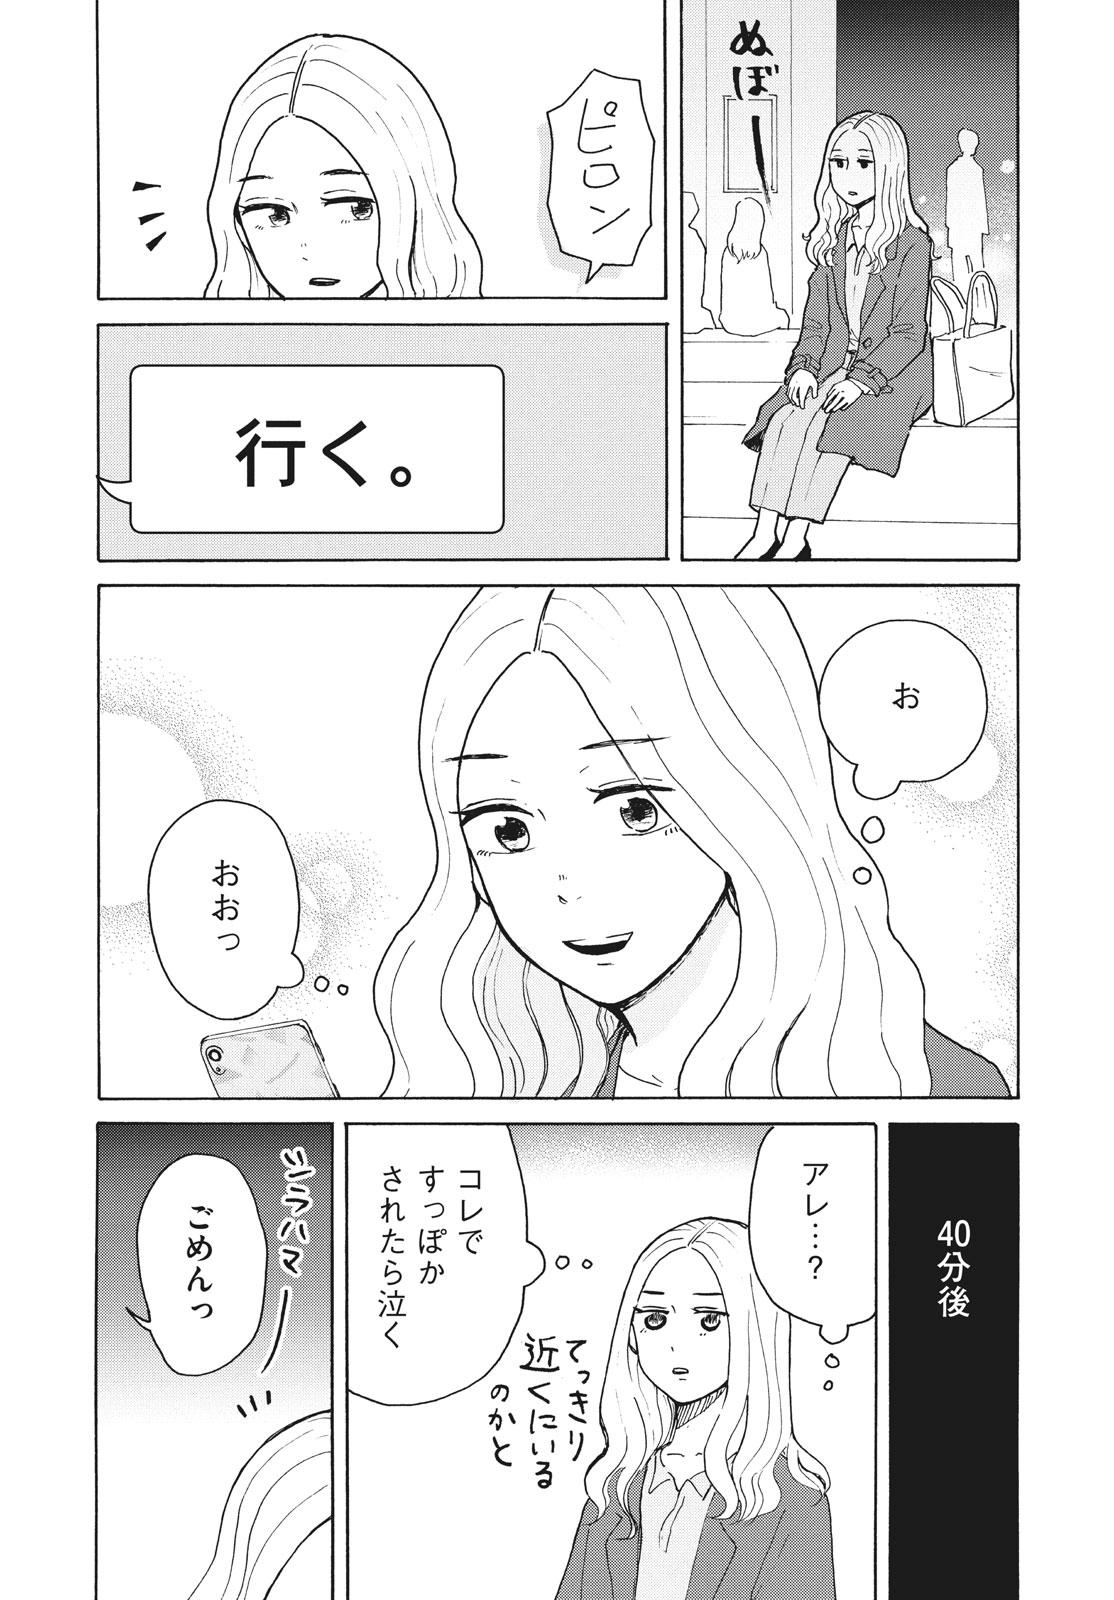 004_30日_2020_012_E.jpg